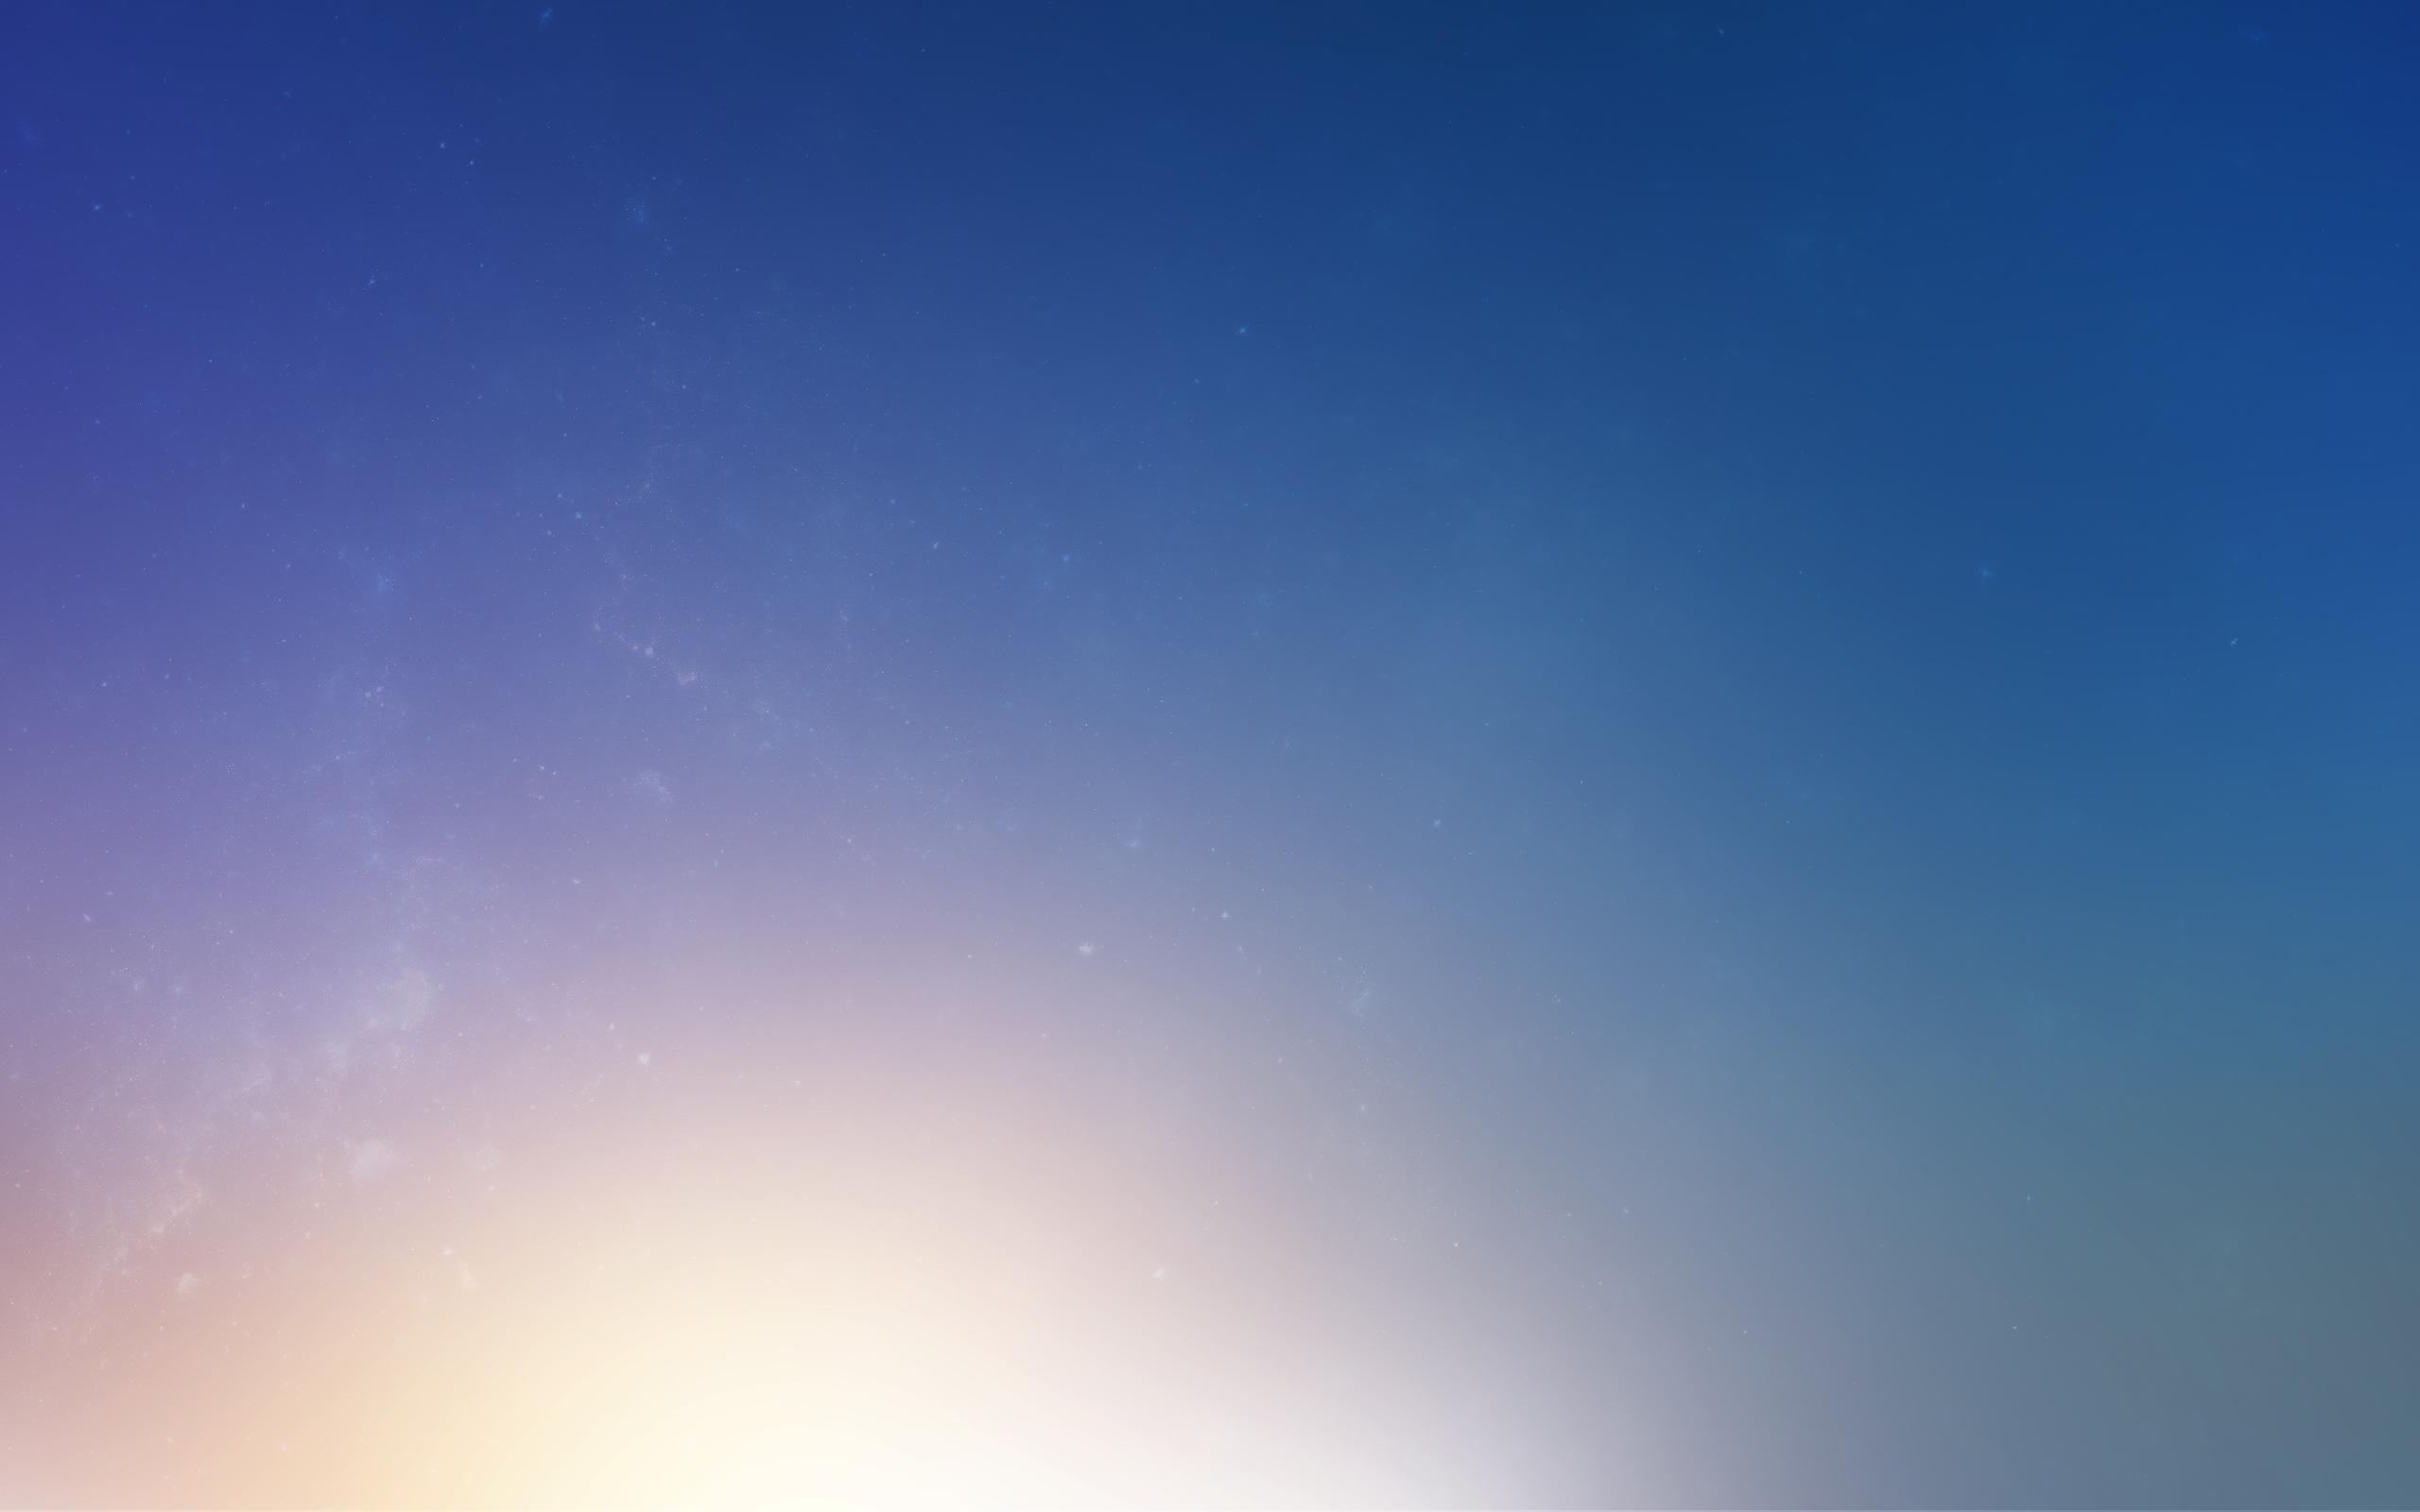 Небо светятся минимальный. обои скачать